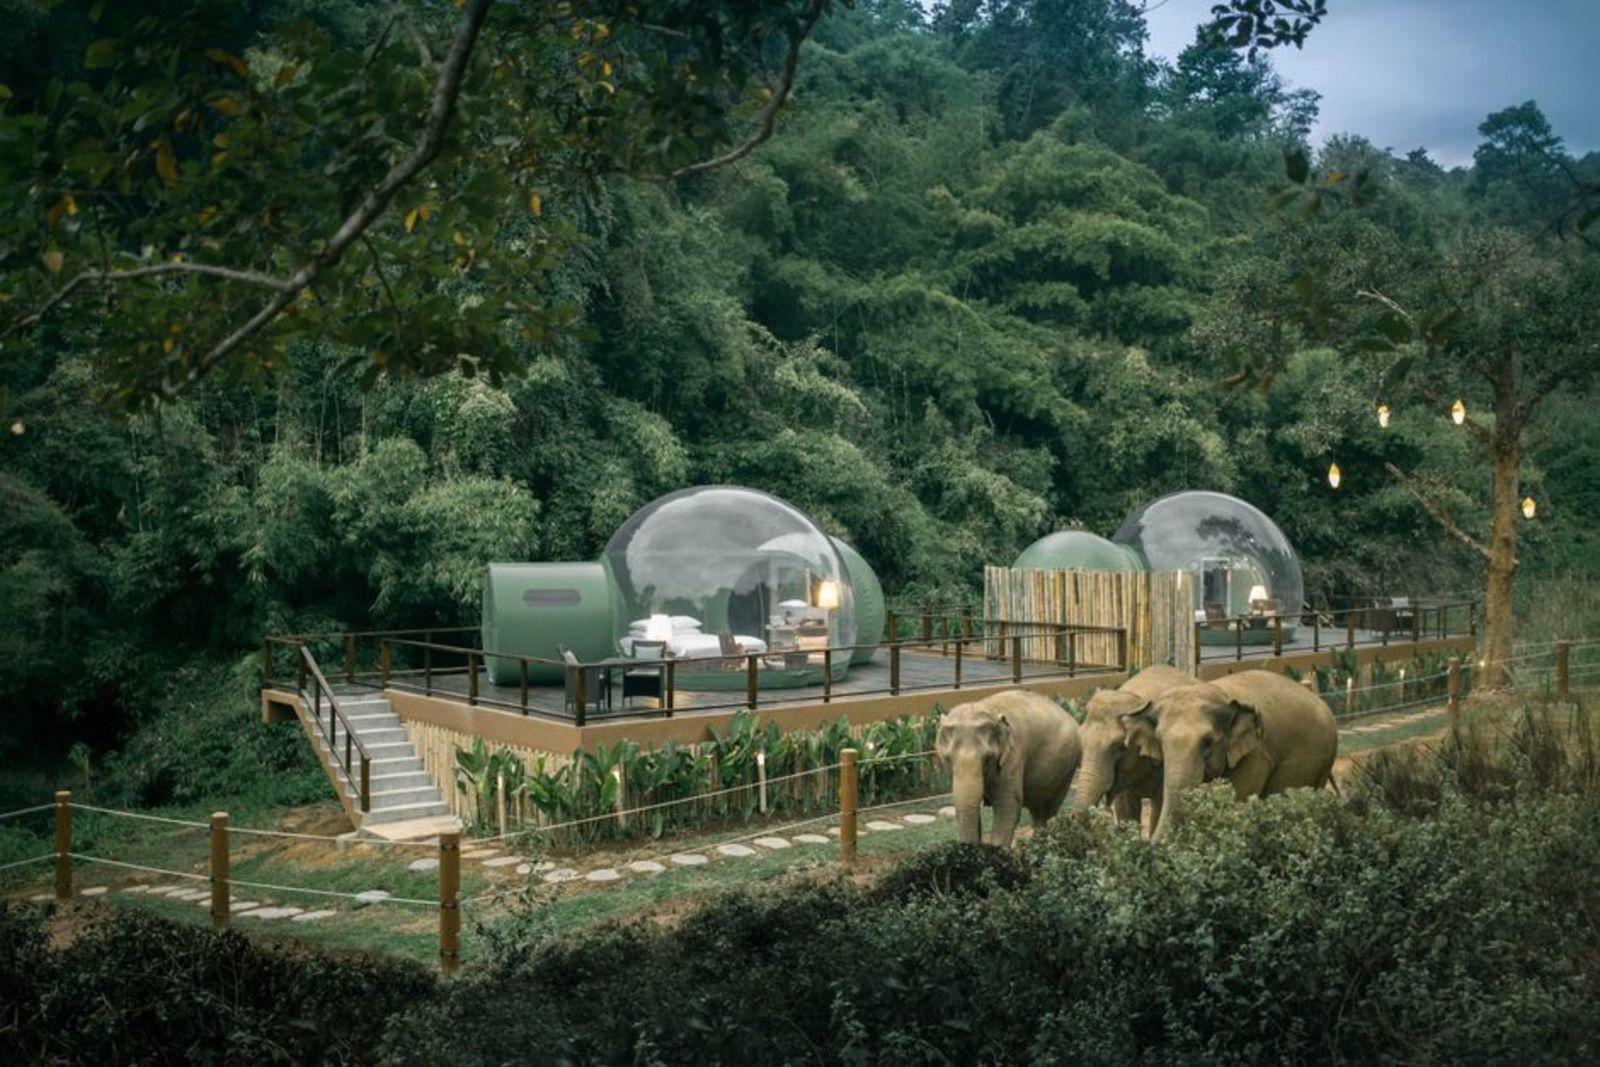 Anantara Golden Triangle Elephant Camp & Resort, booking.com